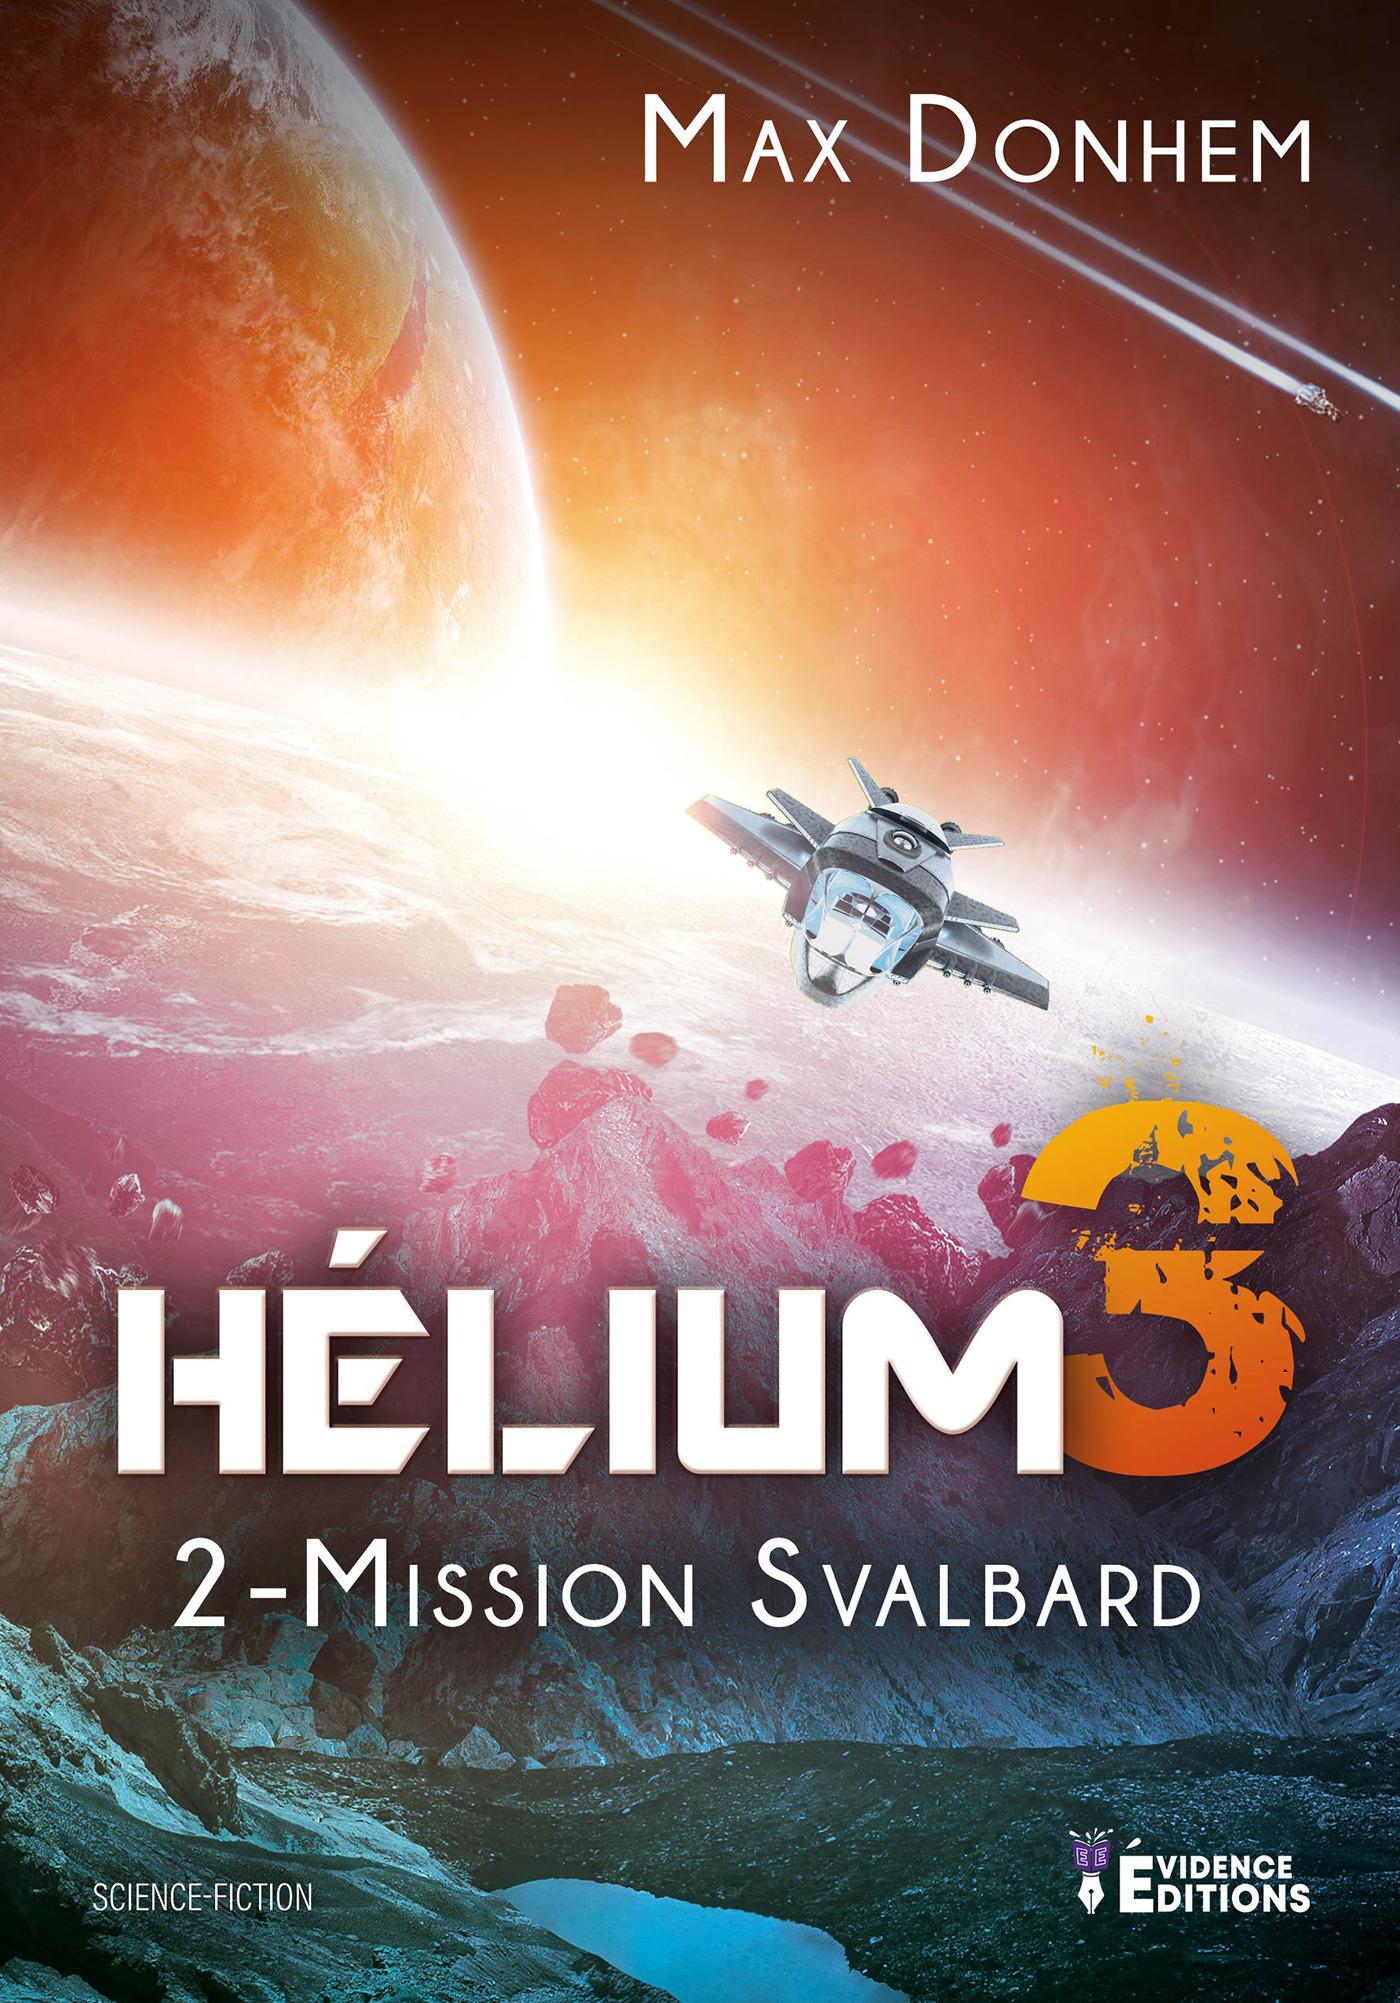 Mission Svalbard